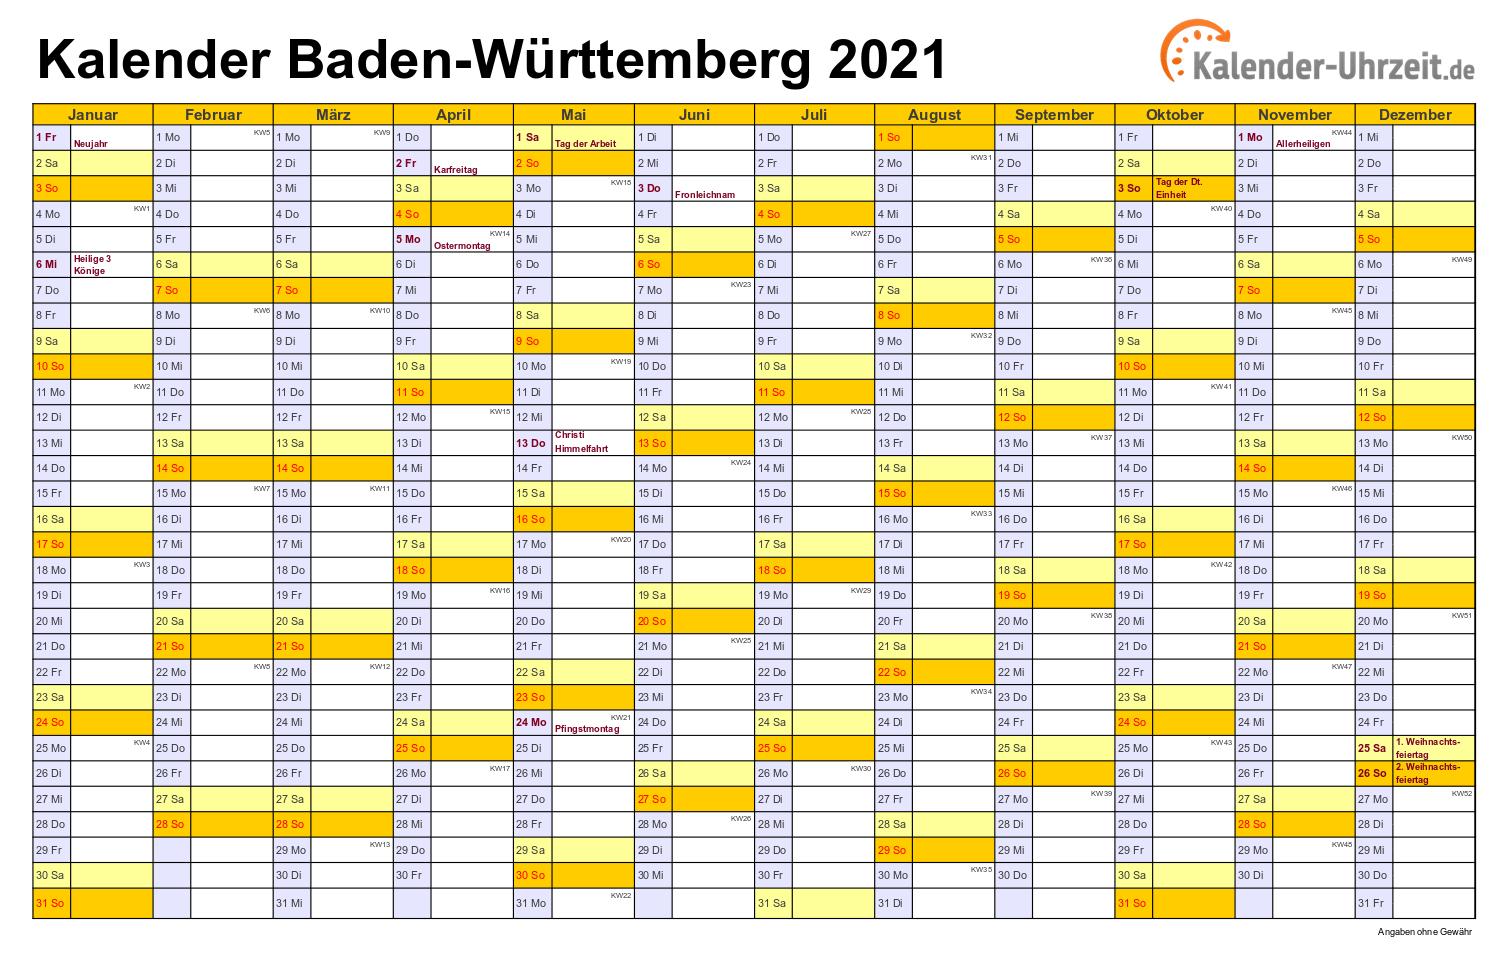 Kalender 2021 Nrw Kalender 2021 Masehi